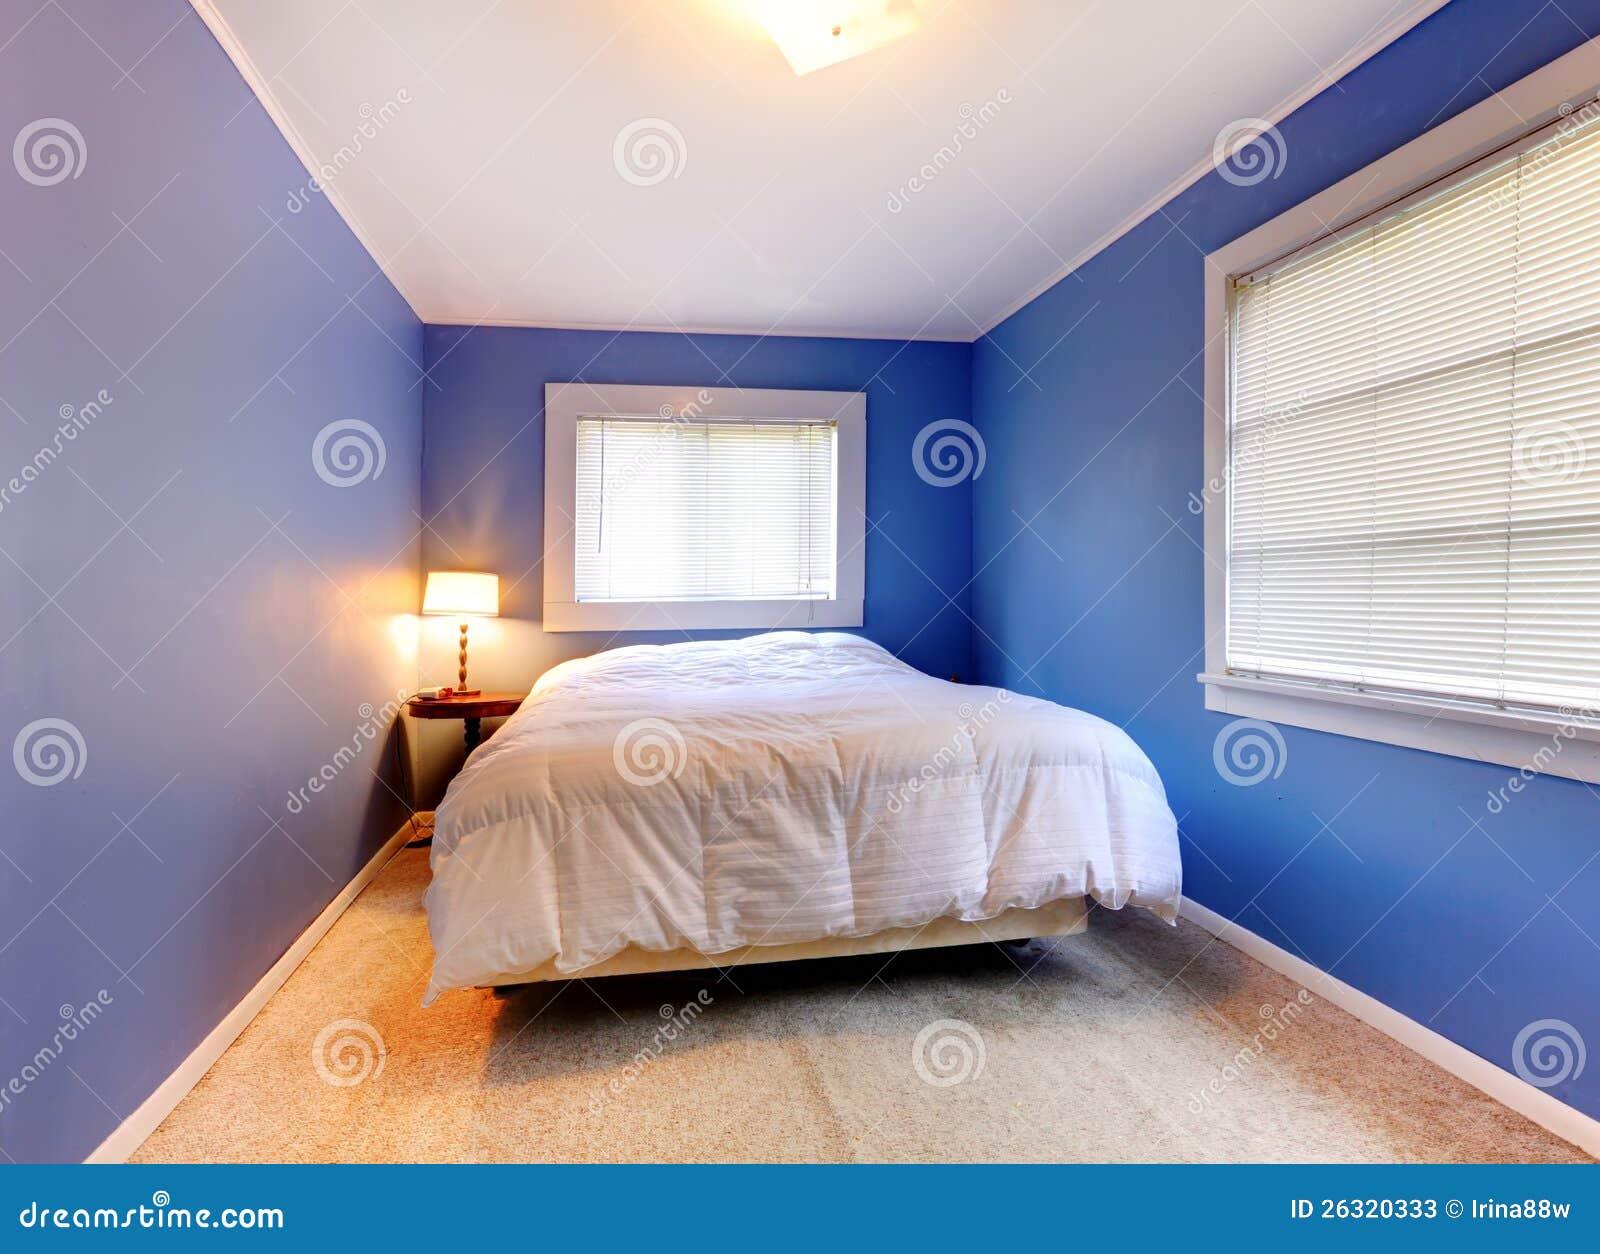 Camera Da Letto Viola Blu Con La Coperta Bianca. Immagine Stock - Immagine di luminoso ...